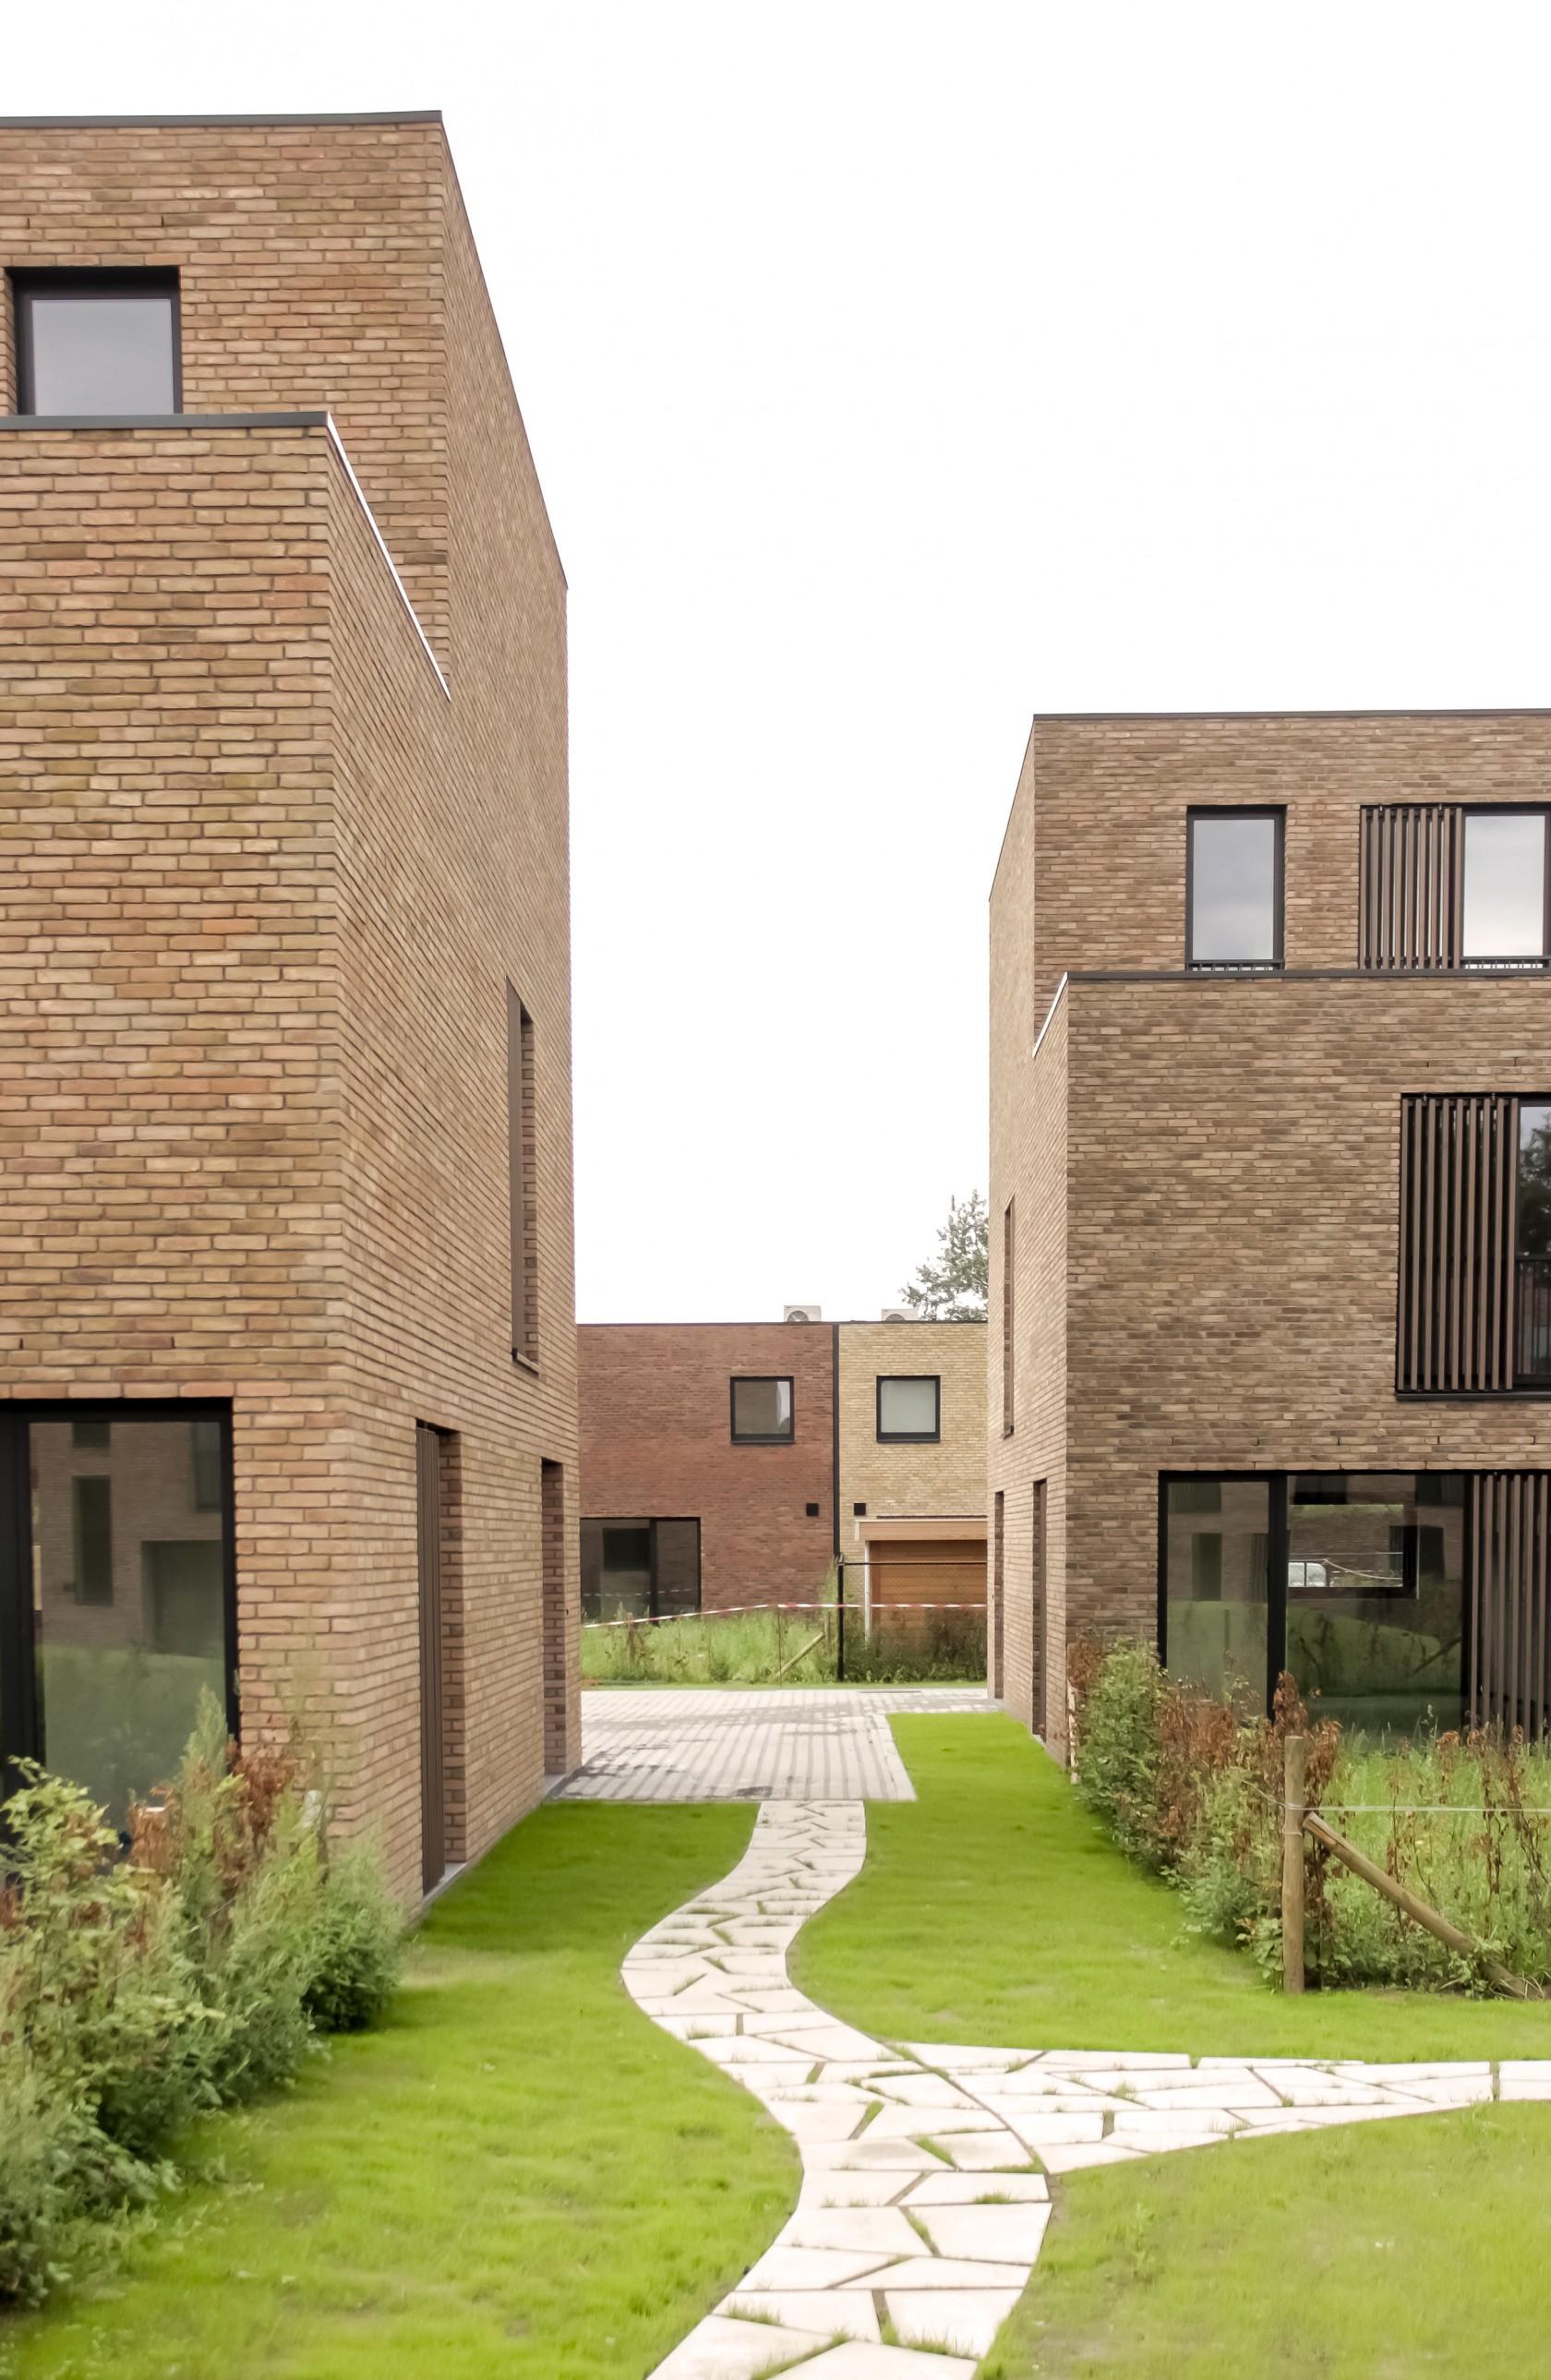 Abscis Architecten - omarmde binnengebied - fotografie Eline Willaert